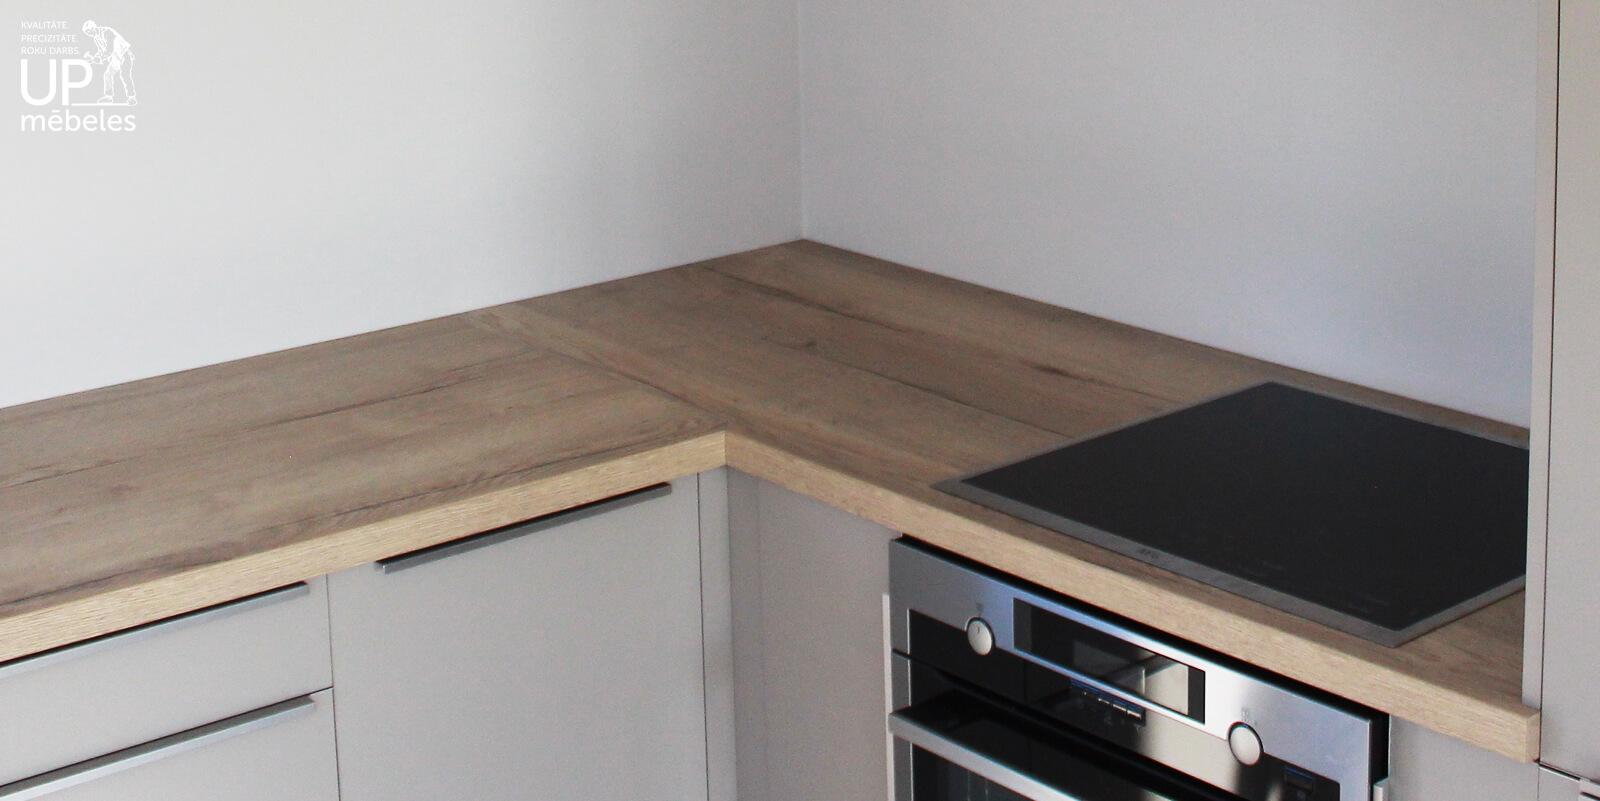 lamināta galda virsmas salaiduma vieta